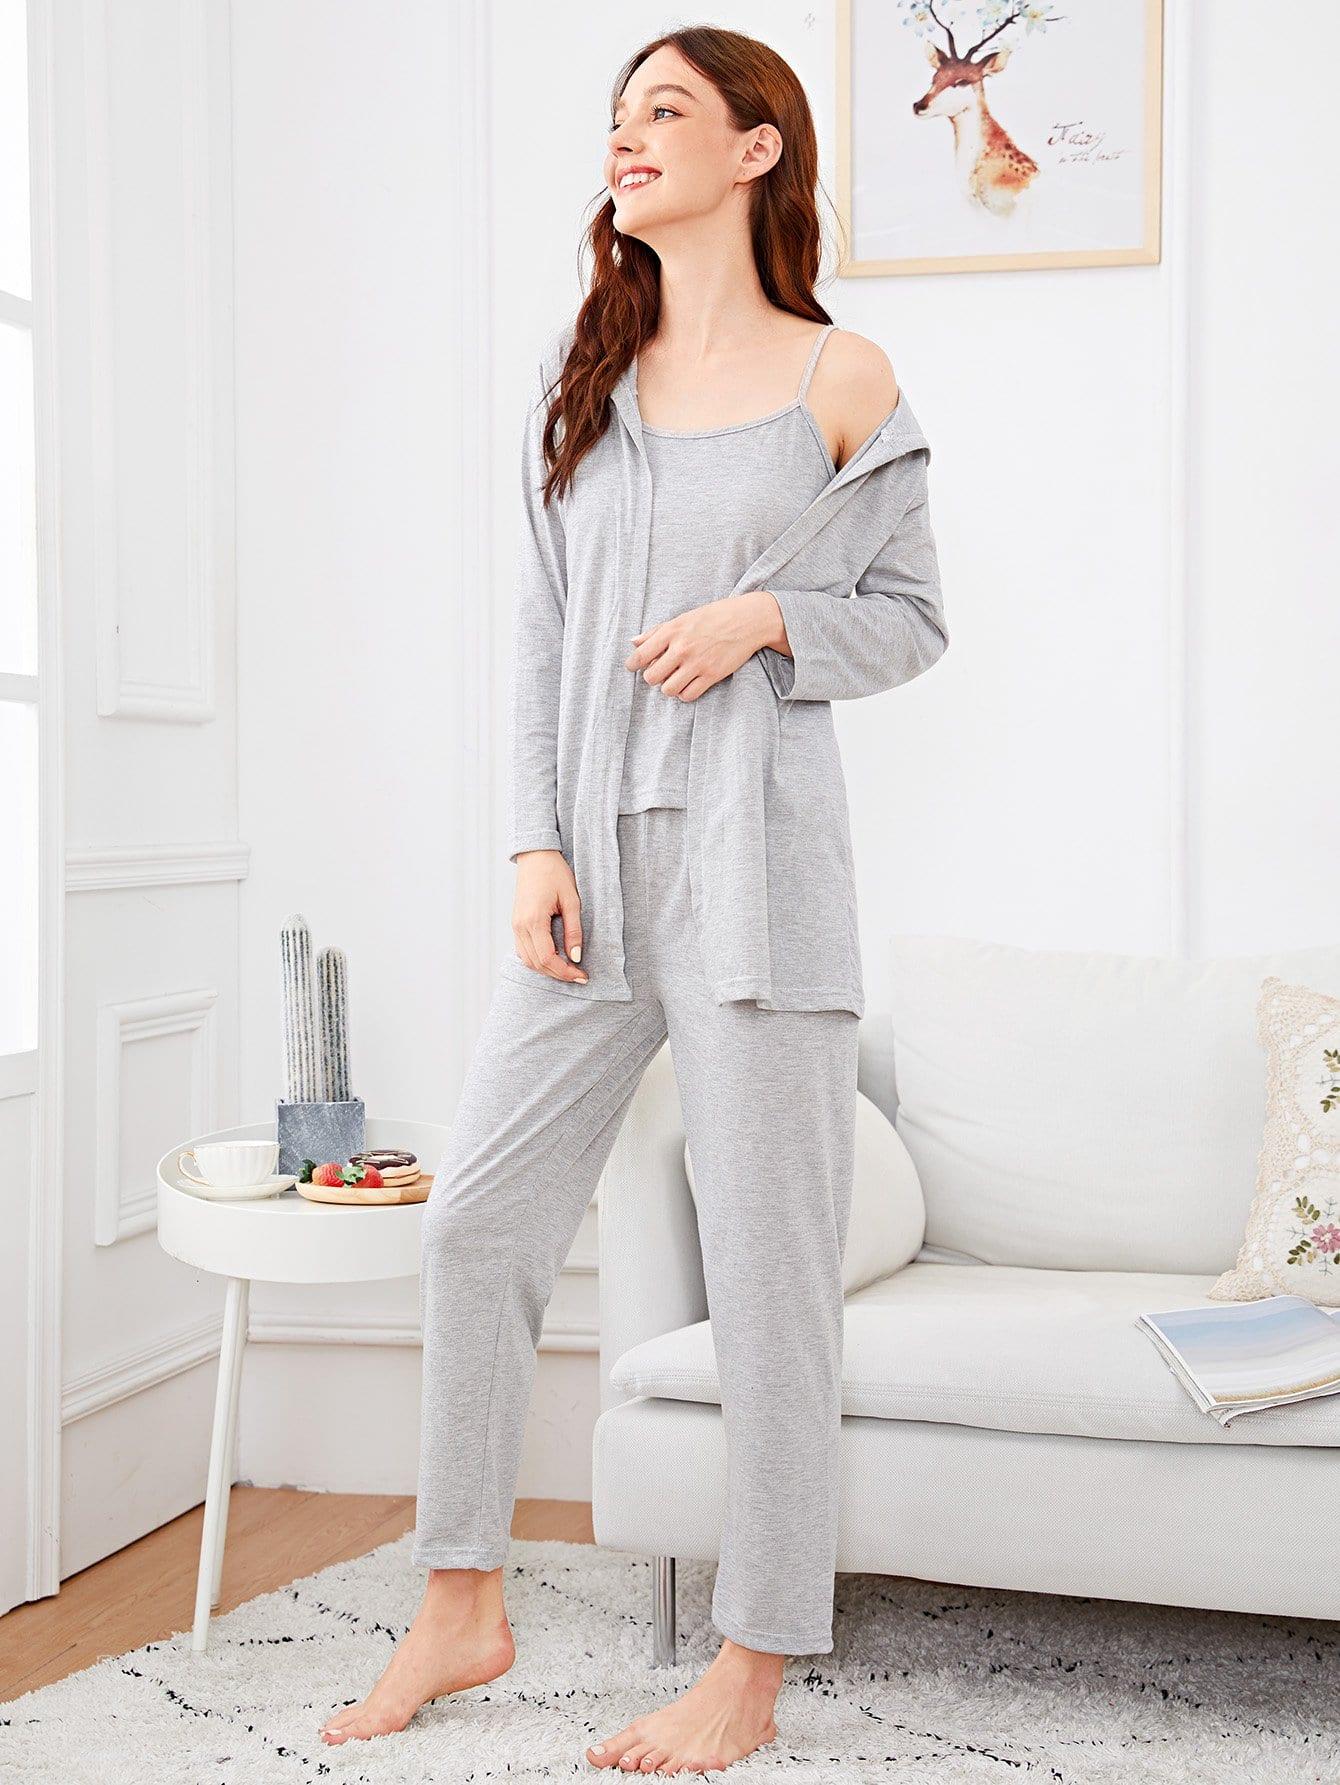 Купить Комплект простой пижамы на бретелях и домашний халат с капюшоном, Poly, SheIn